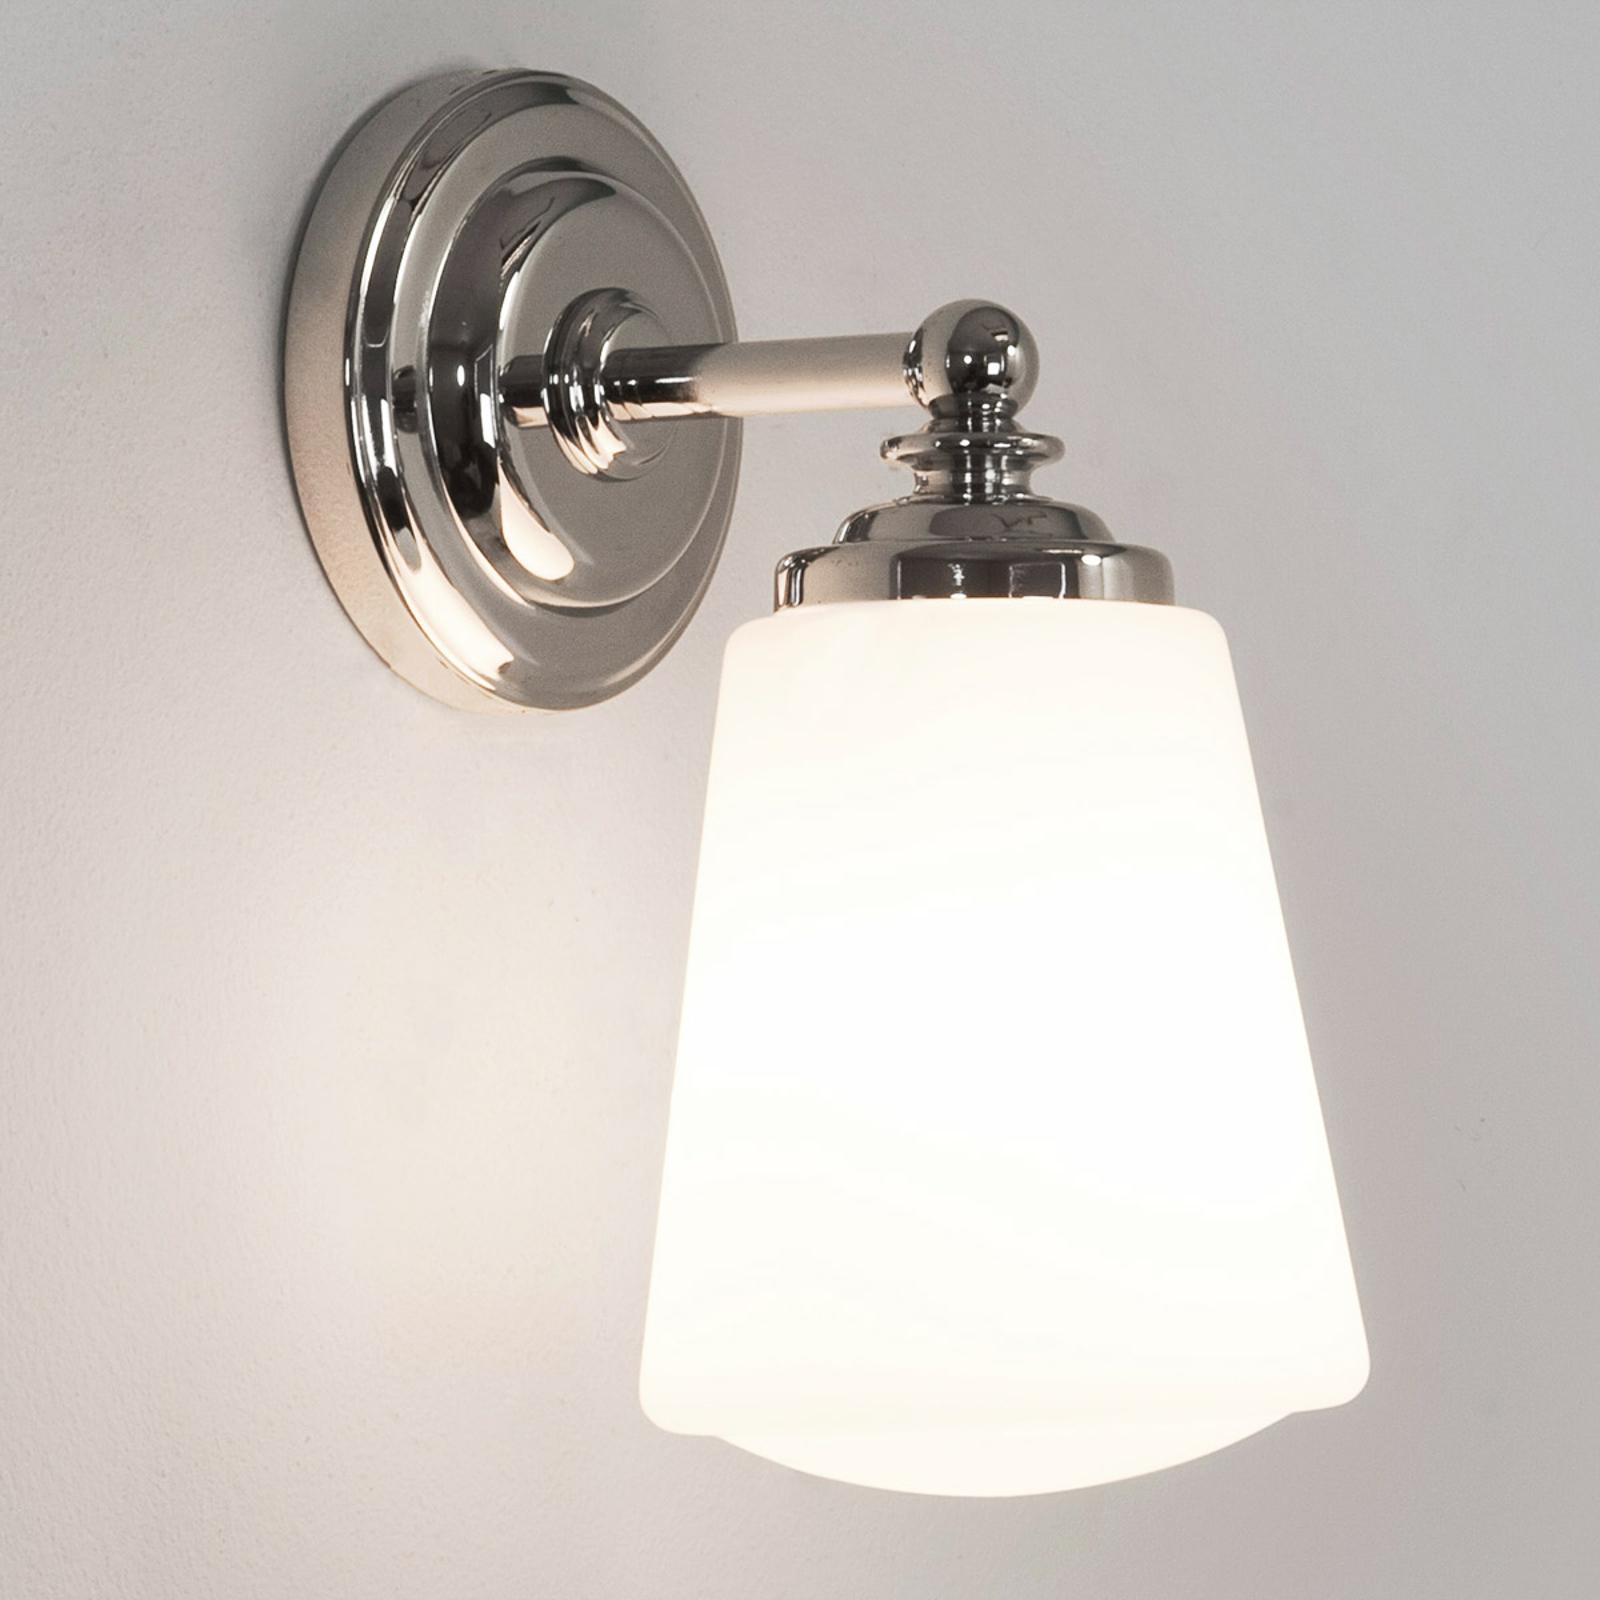 Wandleuchte Amrei Zeitlos Silber Nickel Matt Dimmer Lampenwelt Wandlampe Flur